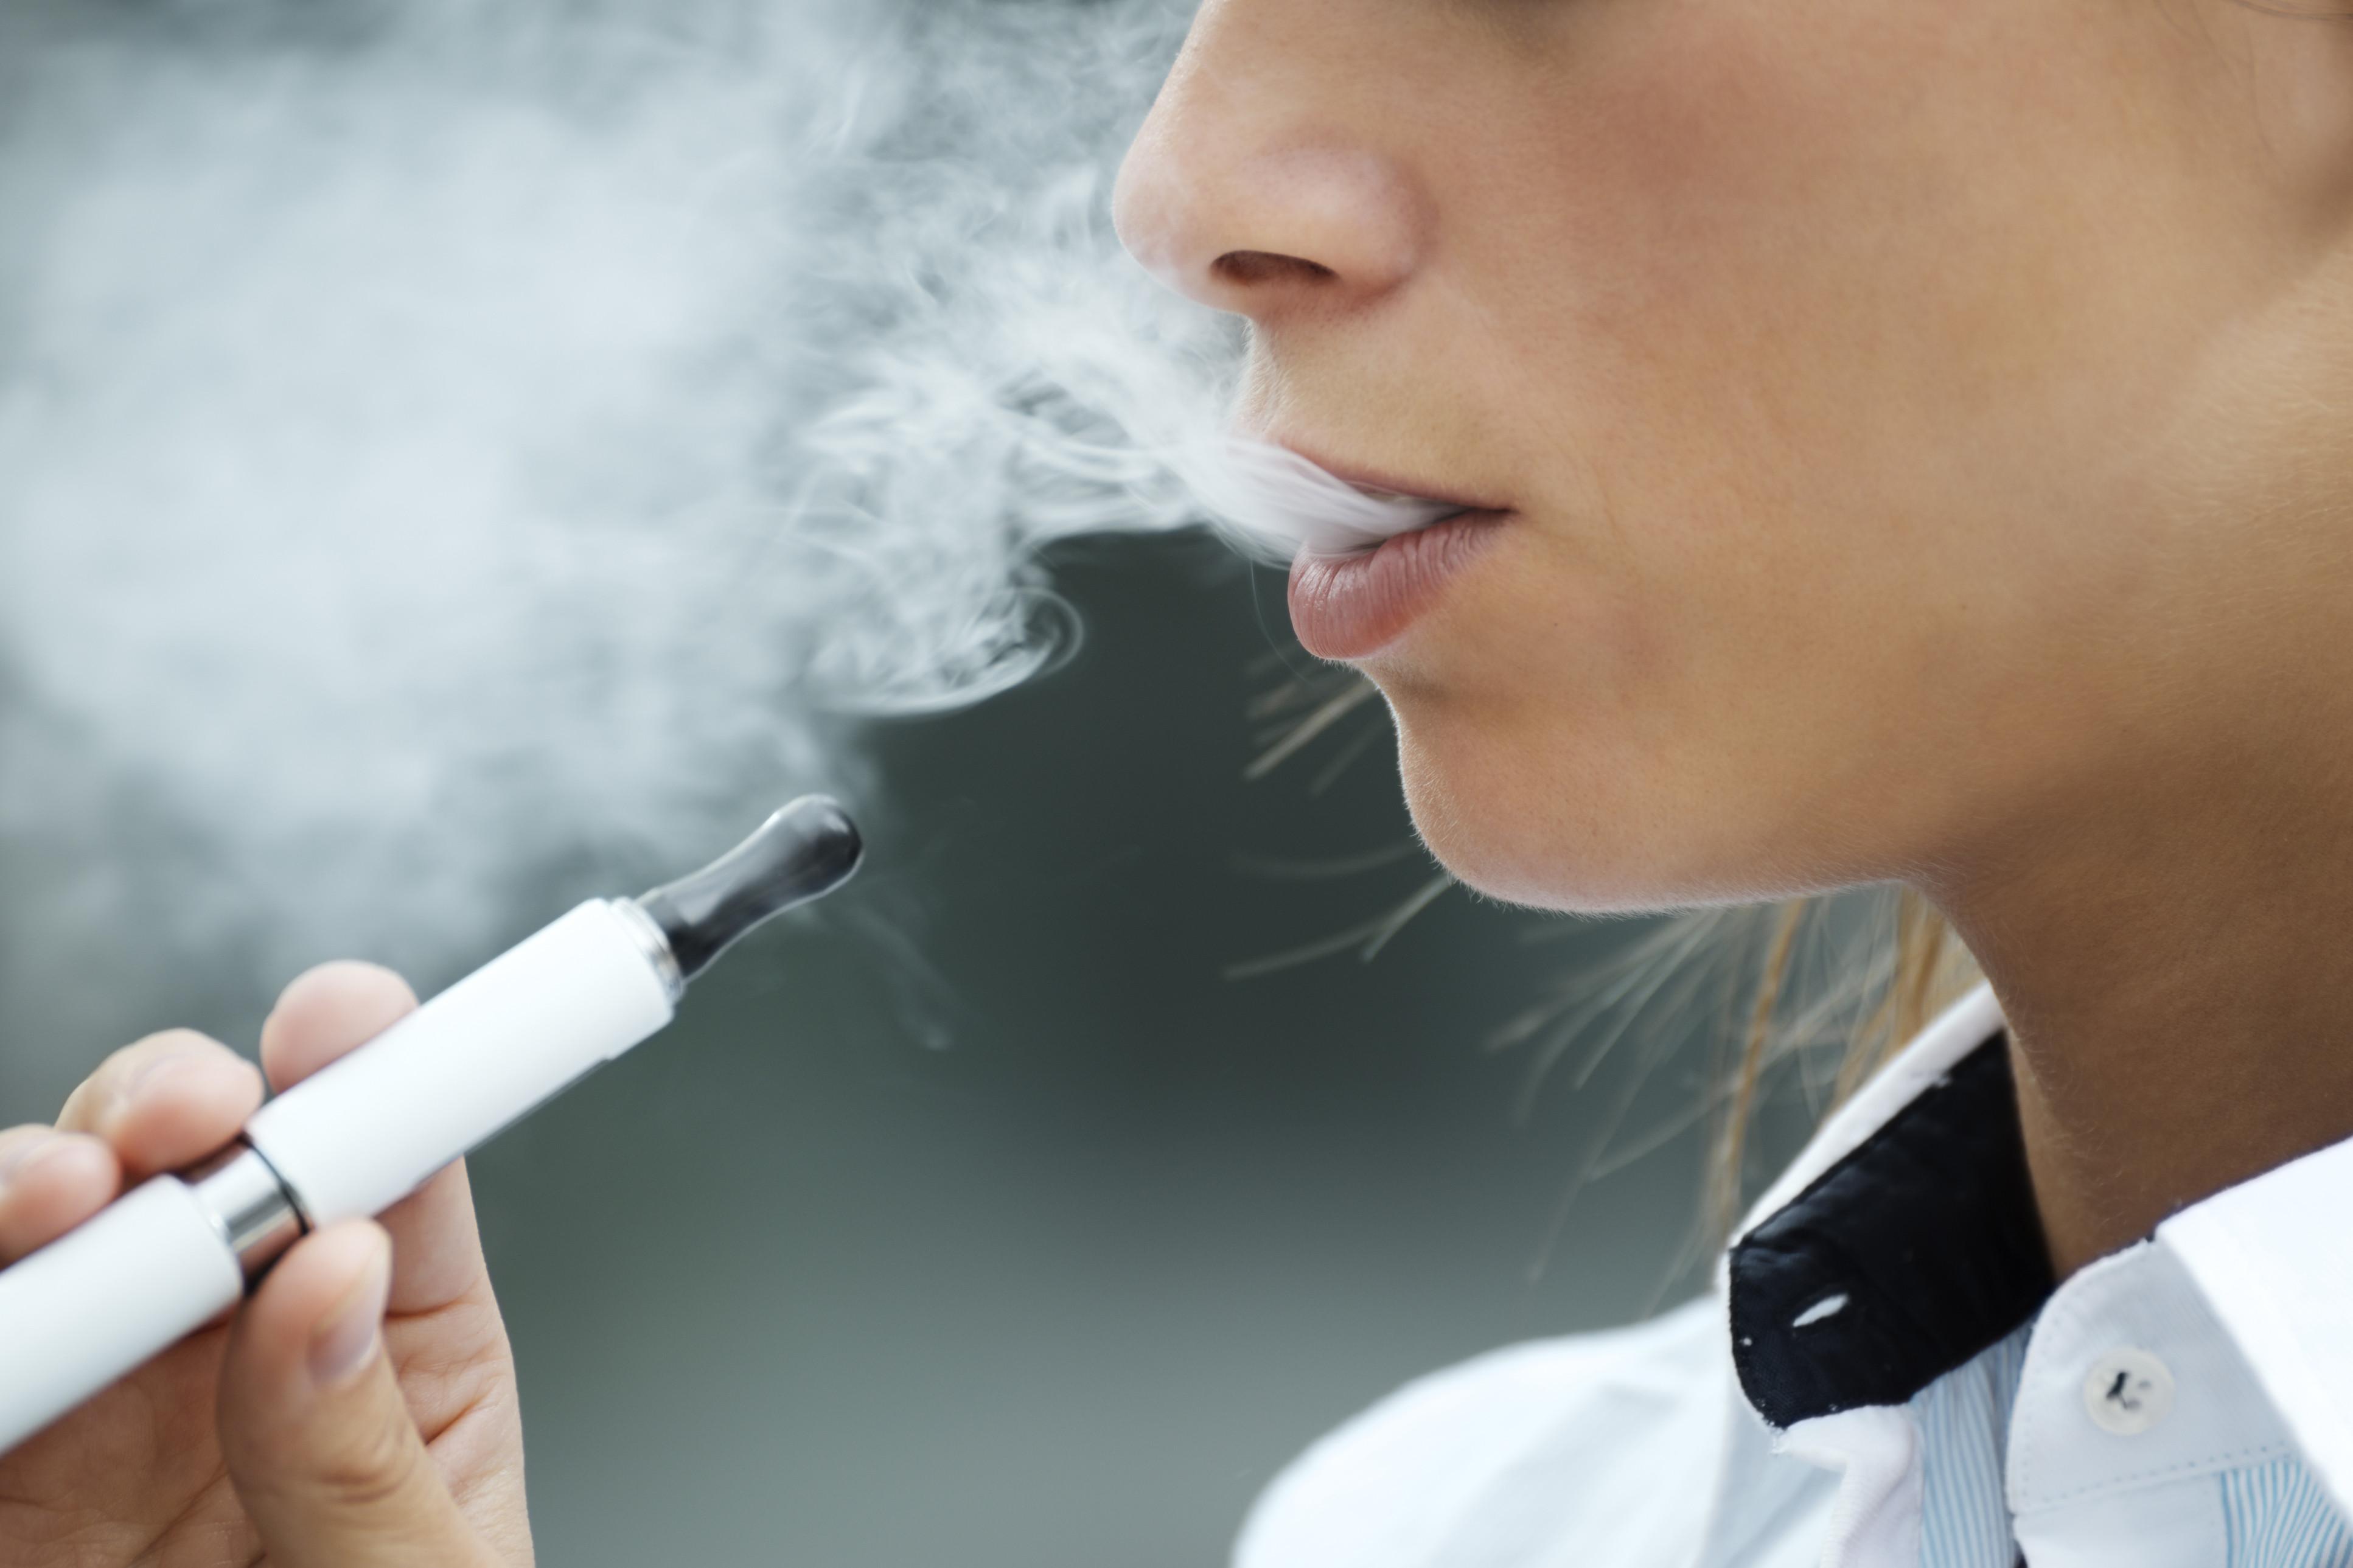 ecigarettes